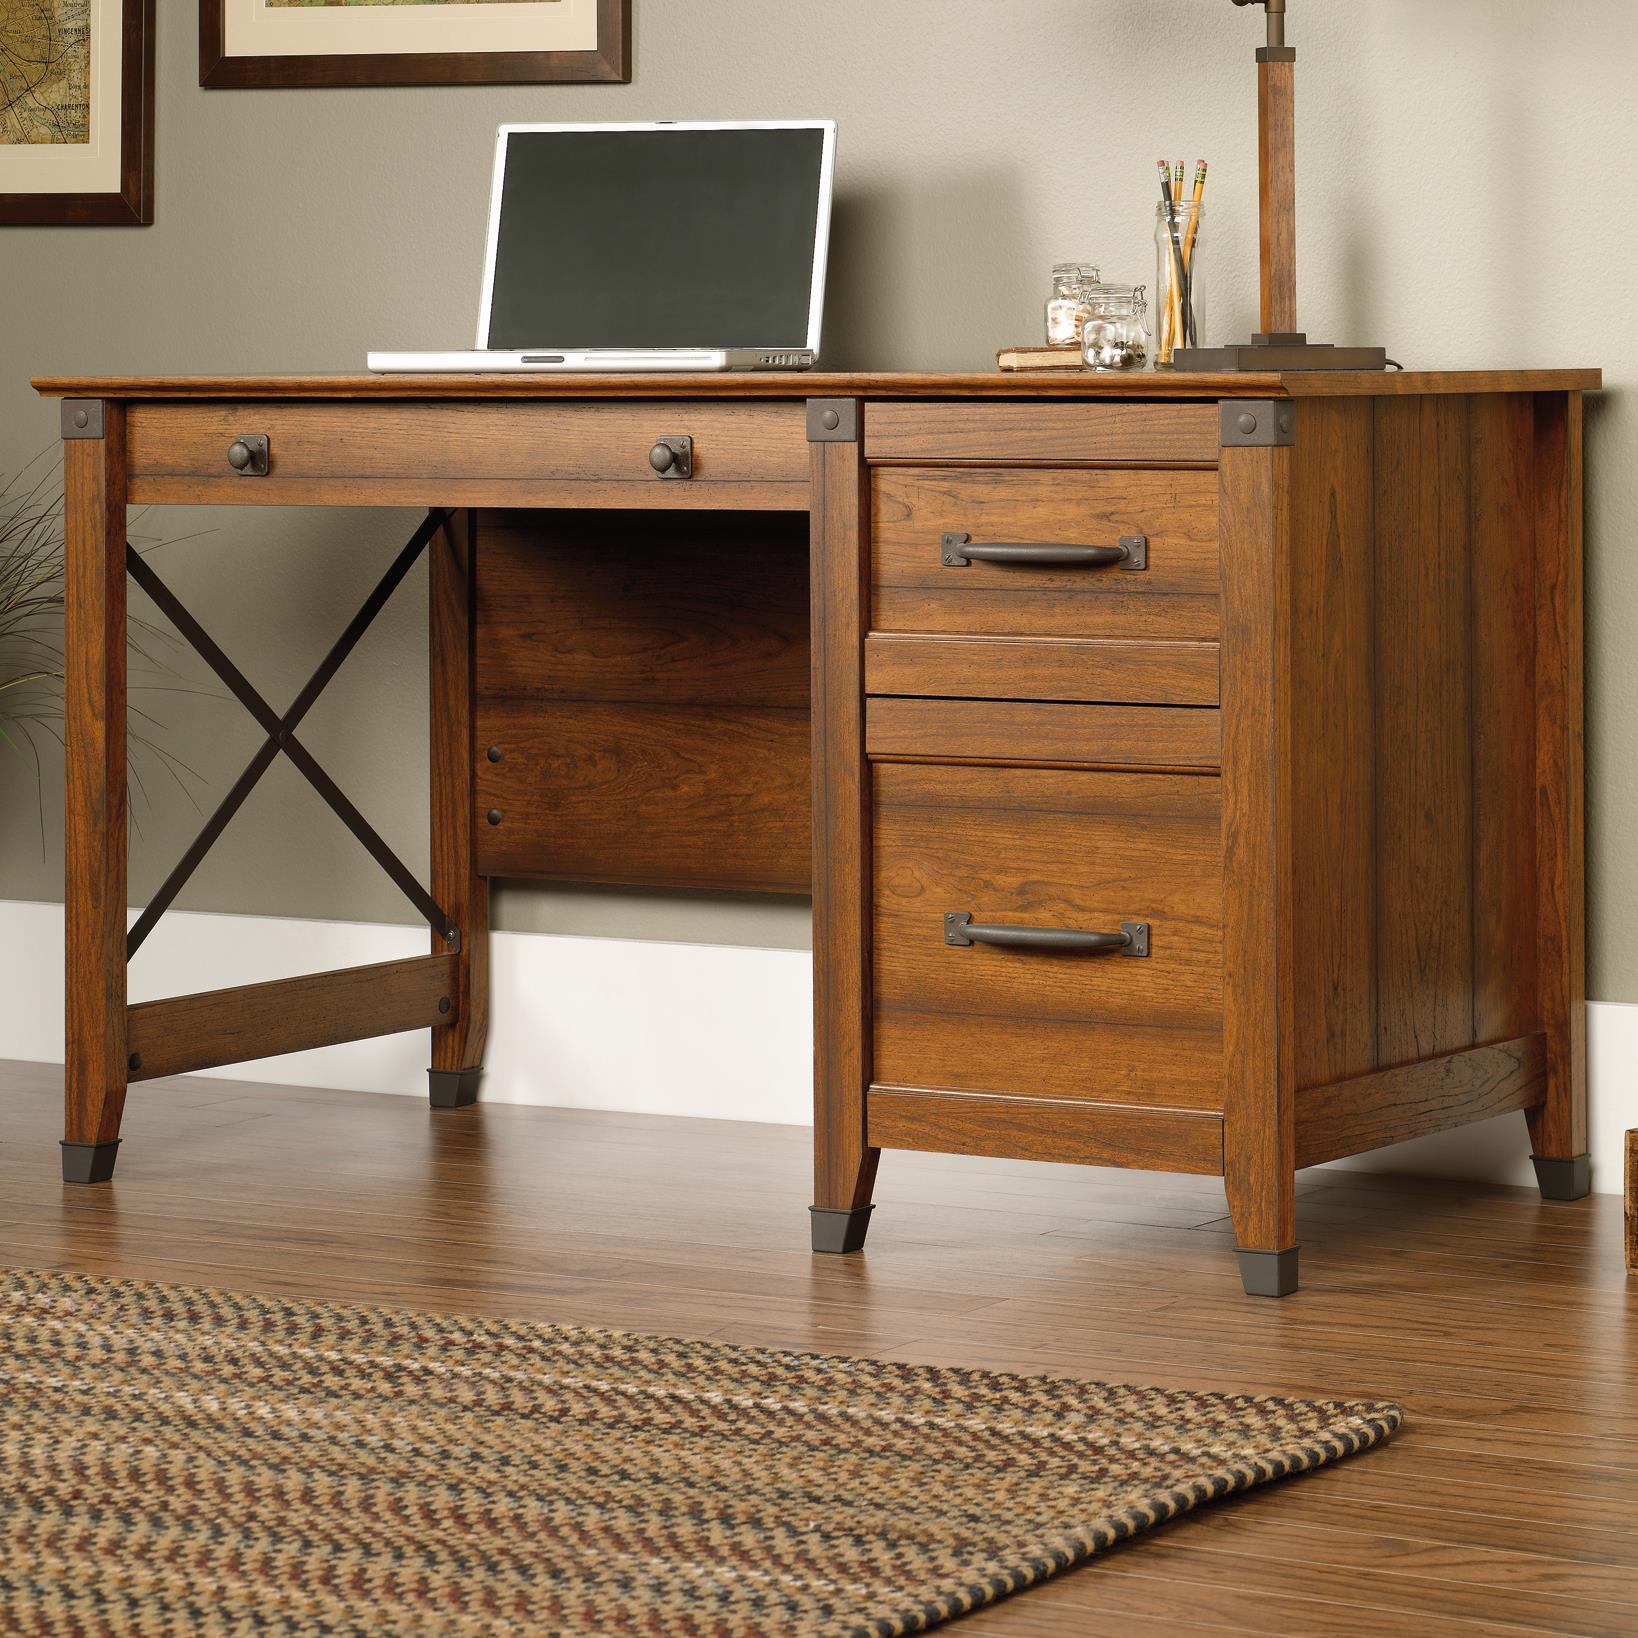 Sauder Carson Forge Single Pedestal Desk With Industrial Accents   John V  Schultz Furniture   Single Pedestal Desks